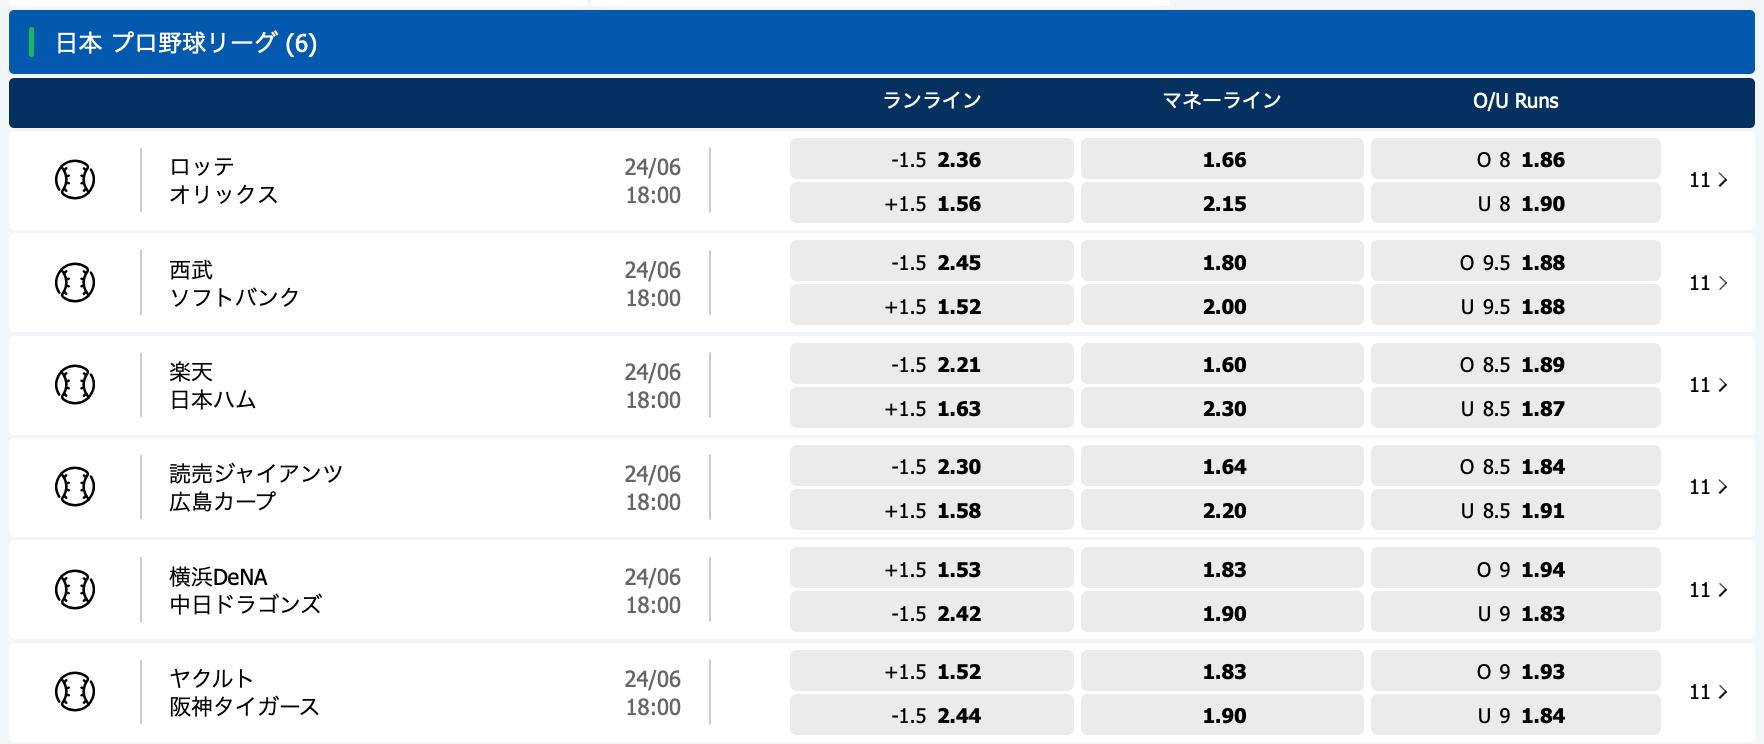 2020.6.24 プロ野球オッズ・10bet Japan